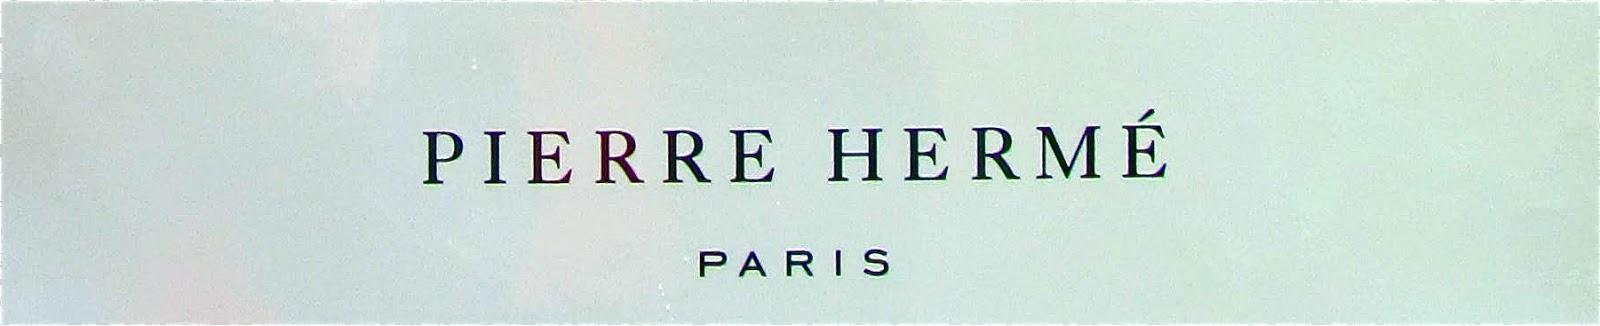 Sens et le dire bernard quentin et pierre herm la vie est belle la galerie w matignon - Pierre herme boutique en ligne ...